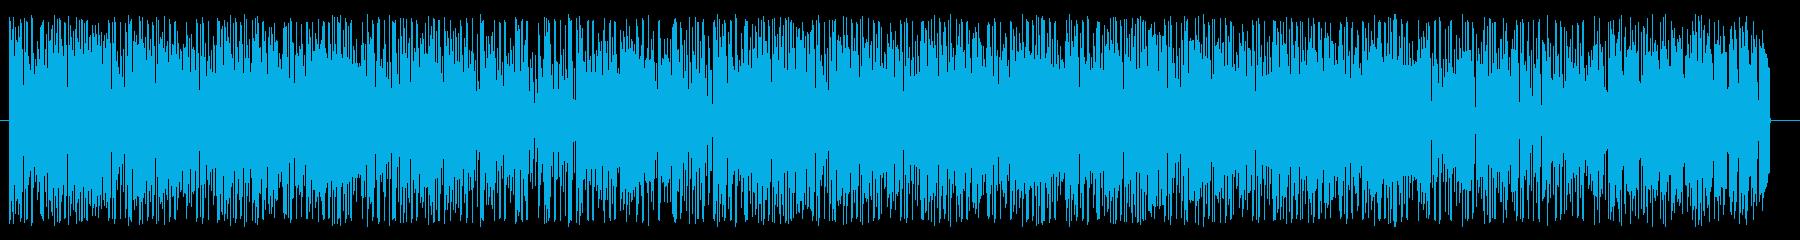 踊れるワウの効いたカッティングギターの再生済みの波形